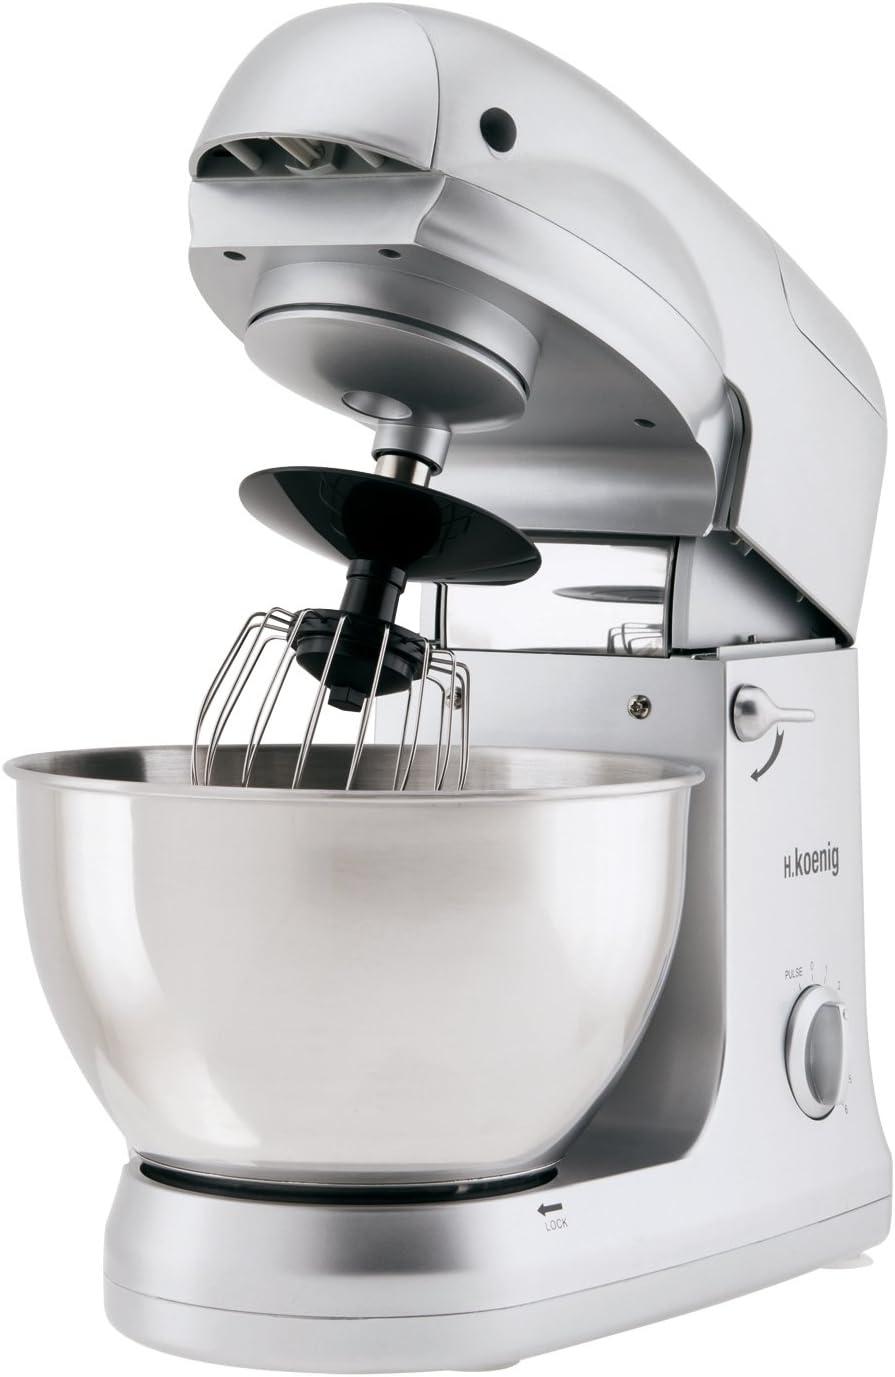 H.Koenig KM 68 Robot de cocina multifunción, 1000 W, 5 l, acero inoxidable, Plateado: Amazon.es: Hogar